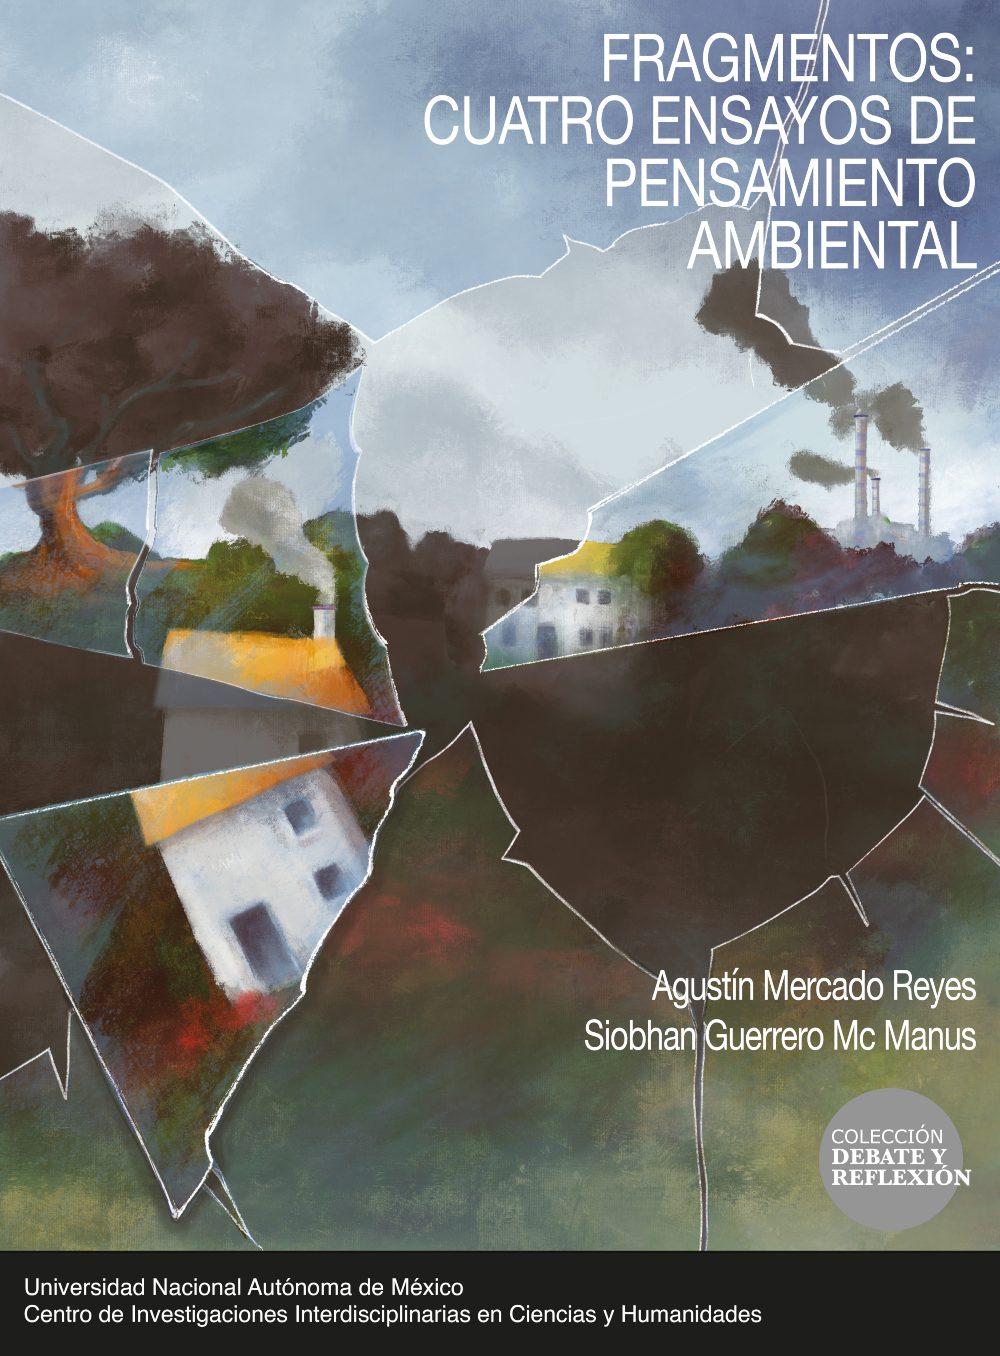 Fragmentos: Cuatro ensayos de pensamiento ambiental